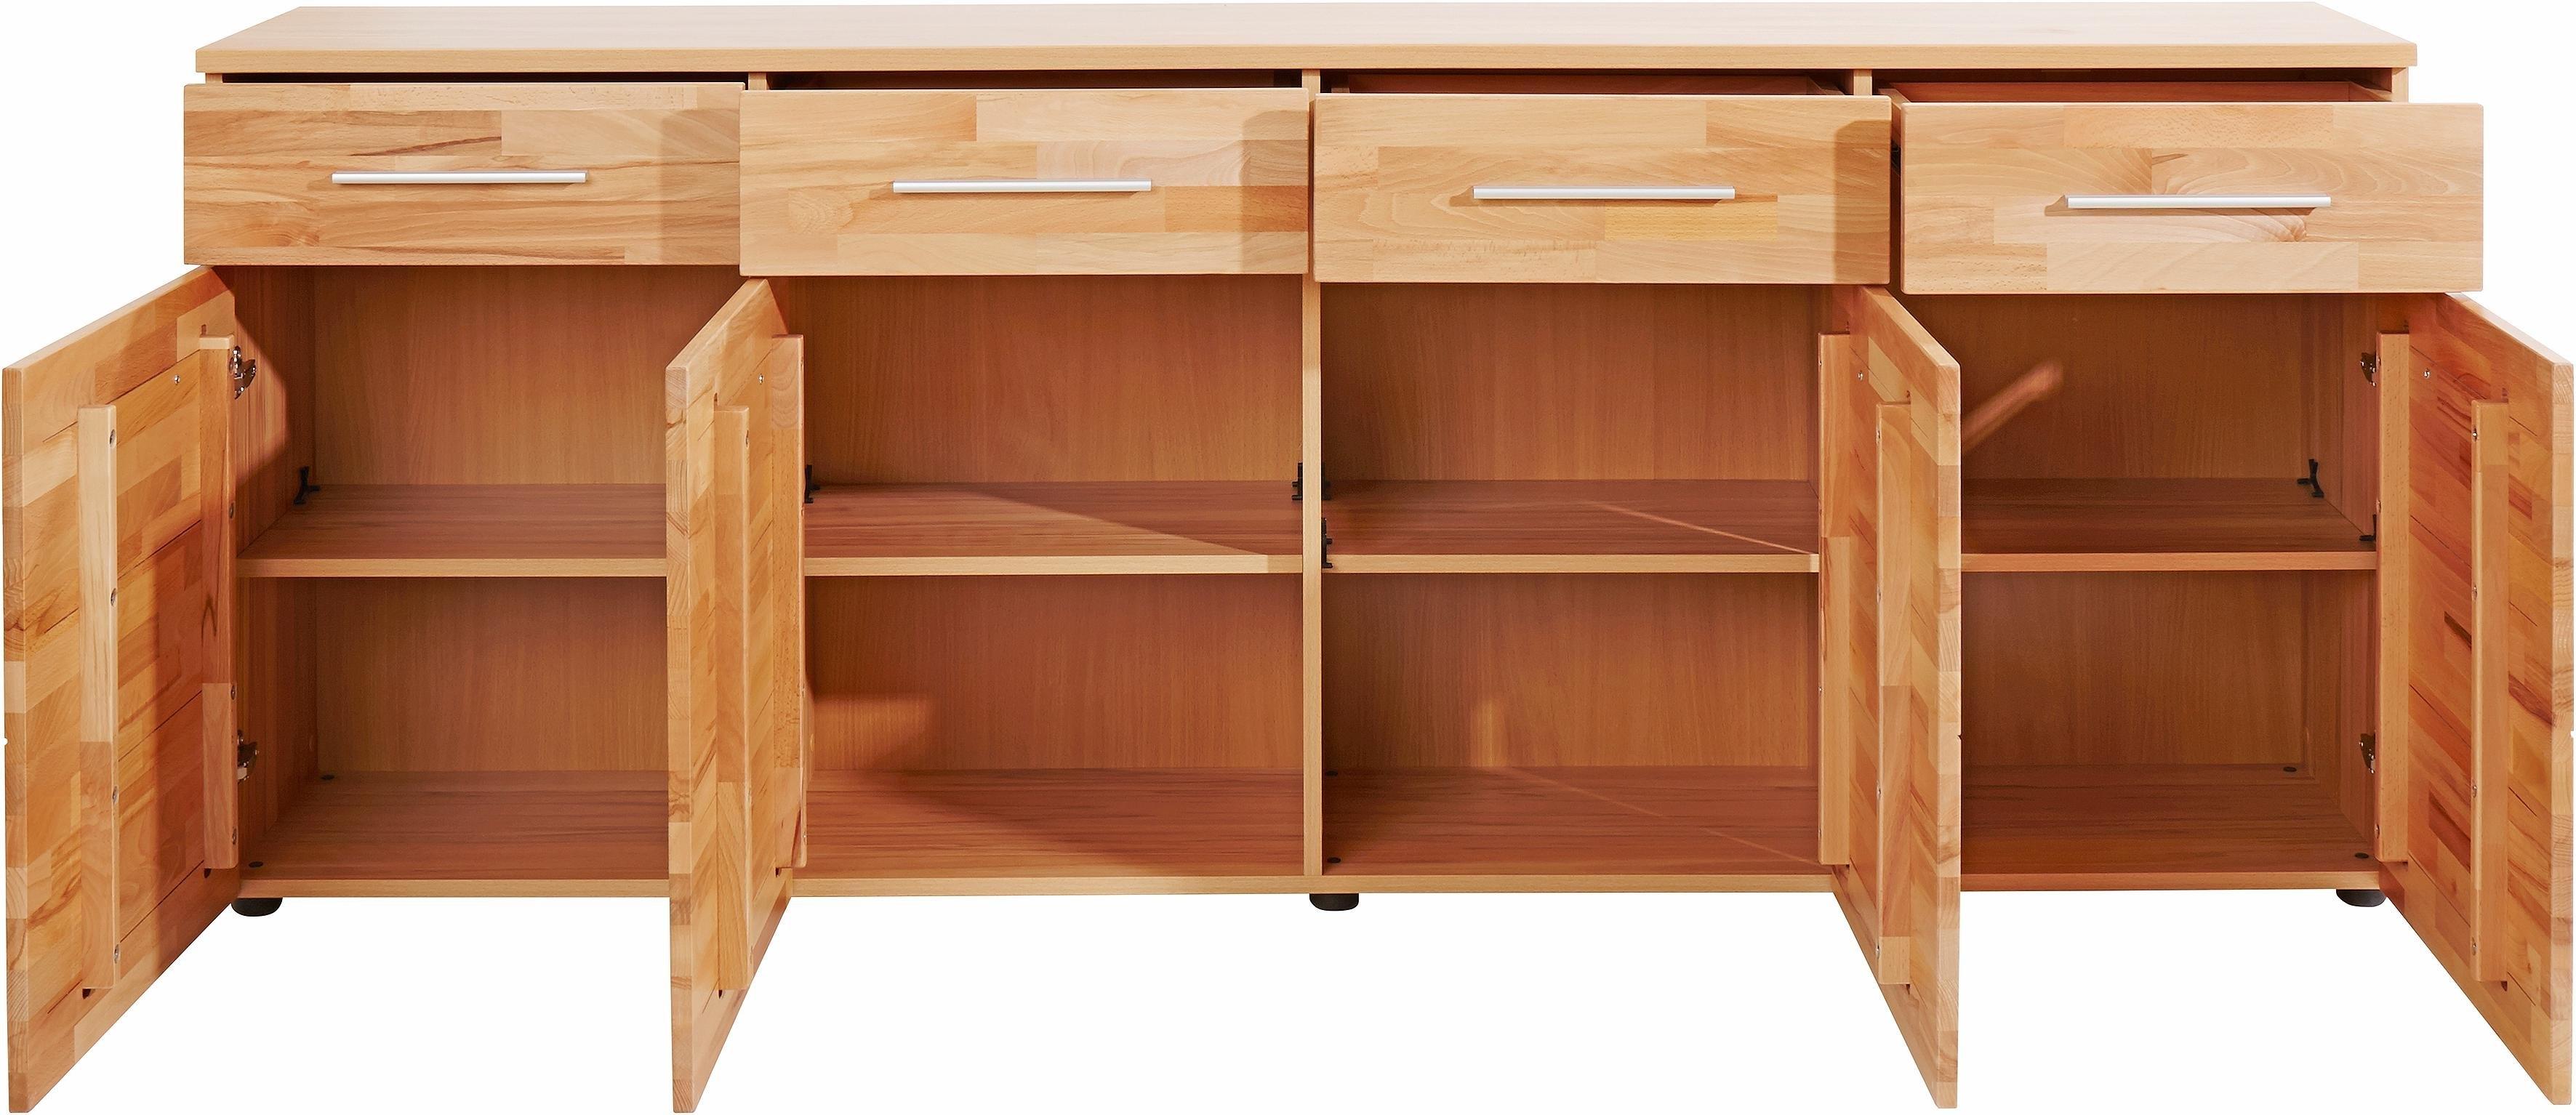 sideboard breedte 200 cm bestel nu bij otto. Black Bedroom Furniture Sets. Home Design Ideas